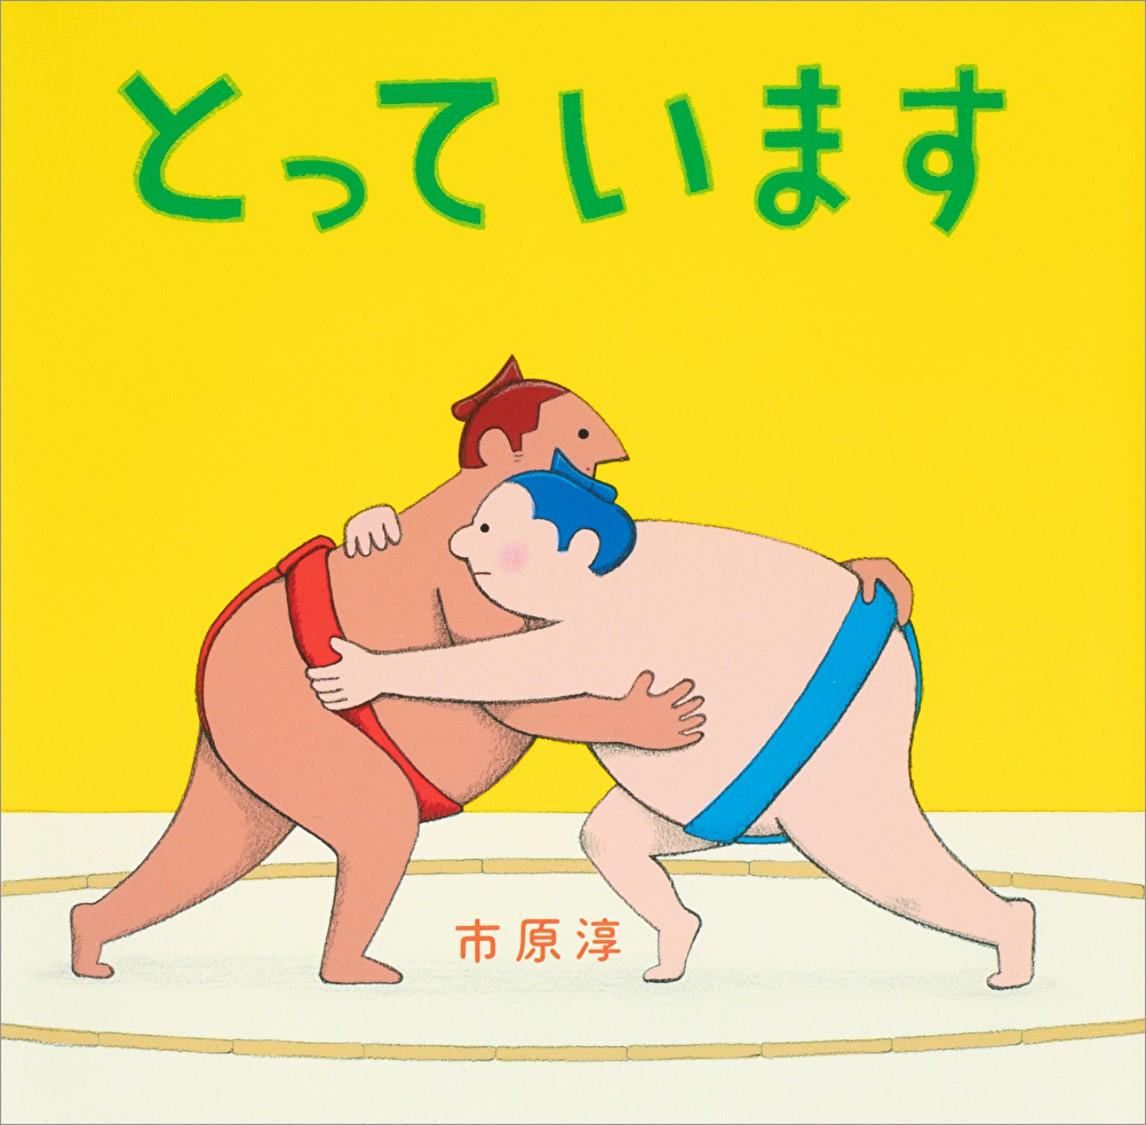 おすもうさんが繰り広げる「同音異義語」の世界 大人気『もいもい』の市原淳氏が描くシュールな絵本